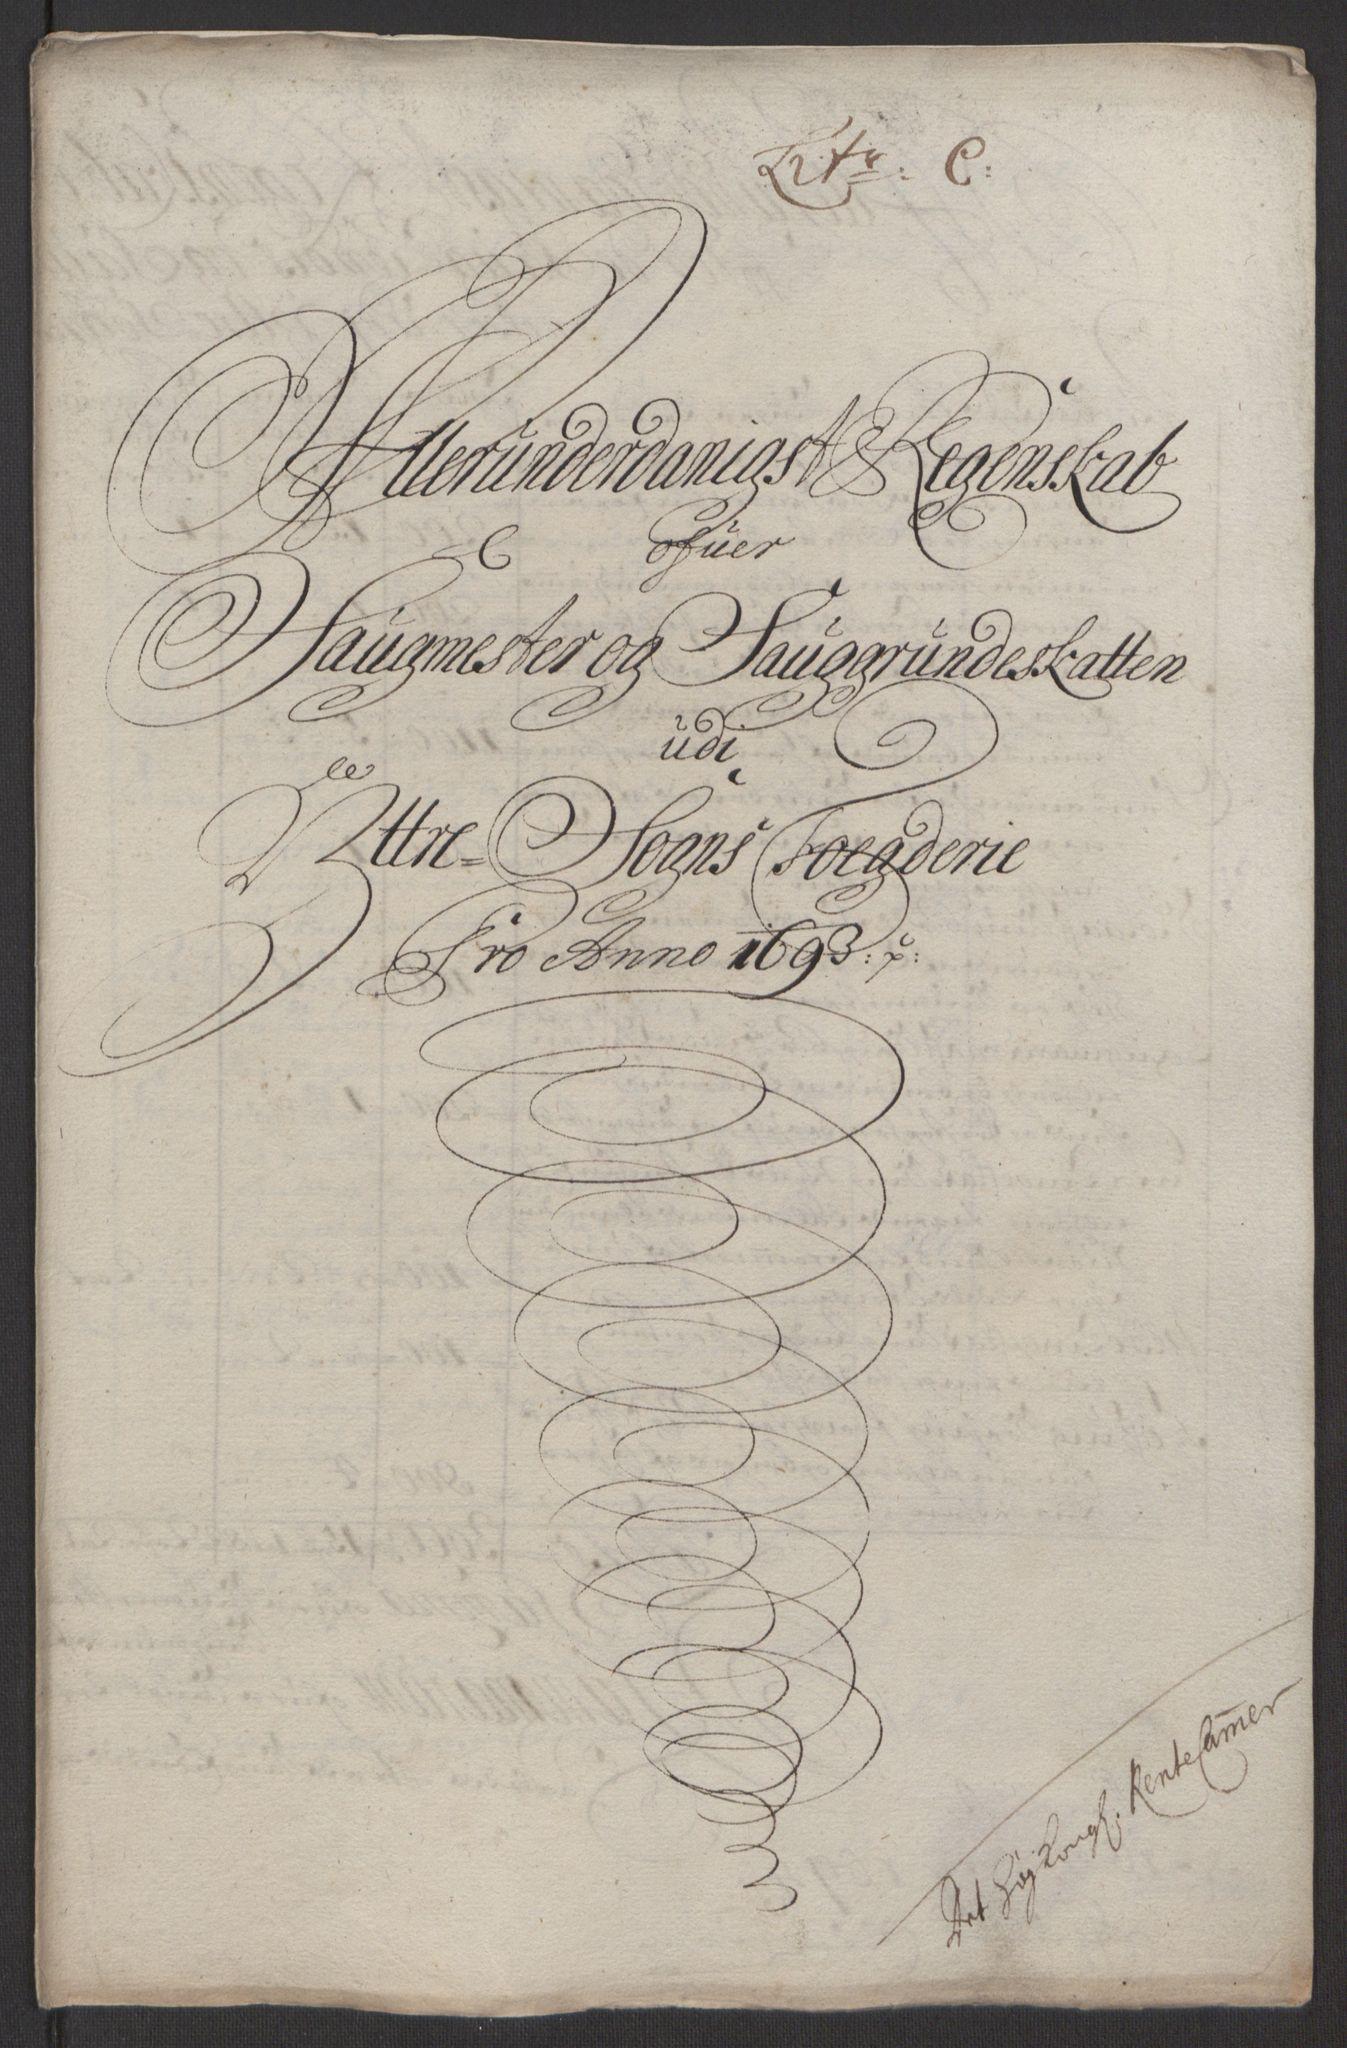 RA, Rentekammeret inntil 1814, Reviderte regnskaper, Fogderegnskap, R52/L3307: Fogderegnskap Sogn, 1693-1694, s. 214